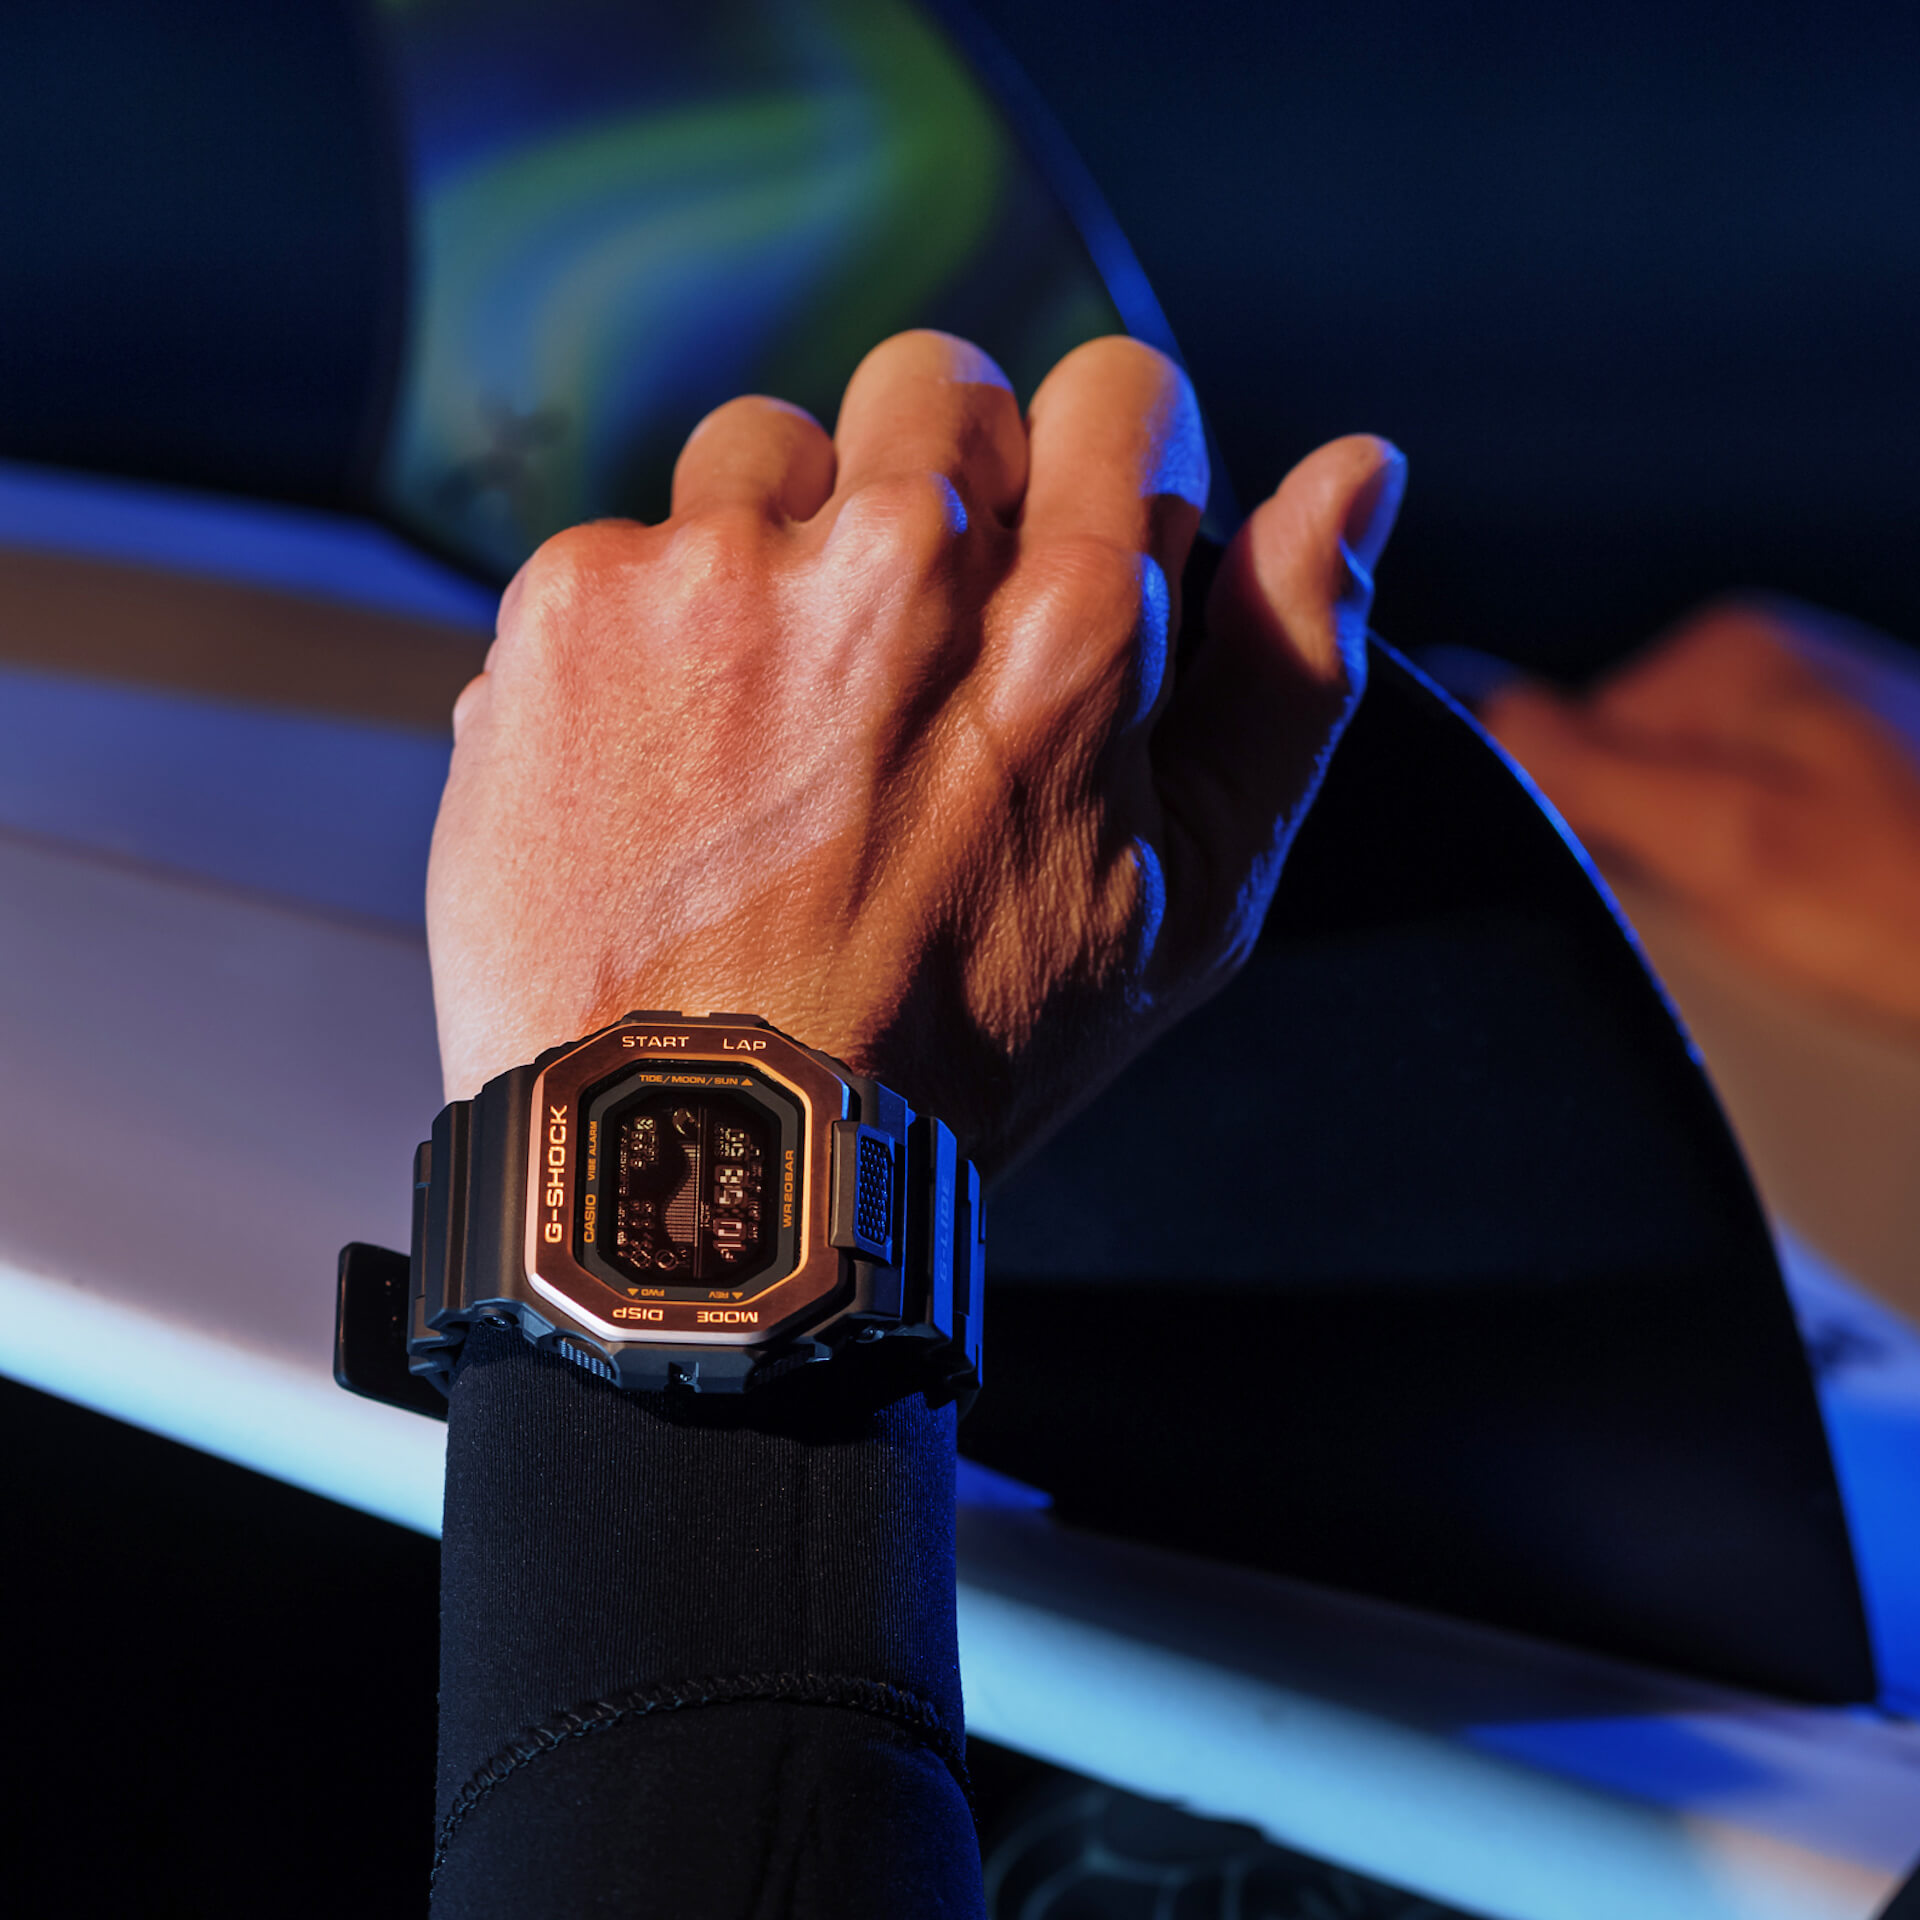 サーファーからの支持も得るG-SHOCK「G-LIDE」にナイトサーフィン向けの新色が登場!スマホと連携可能な人気モデル tech210415_gshock_glide_2